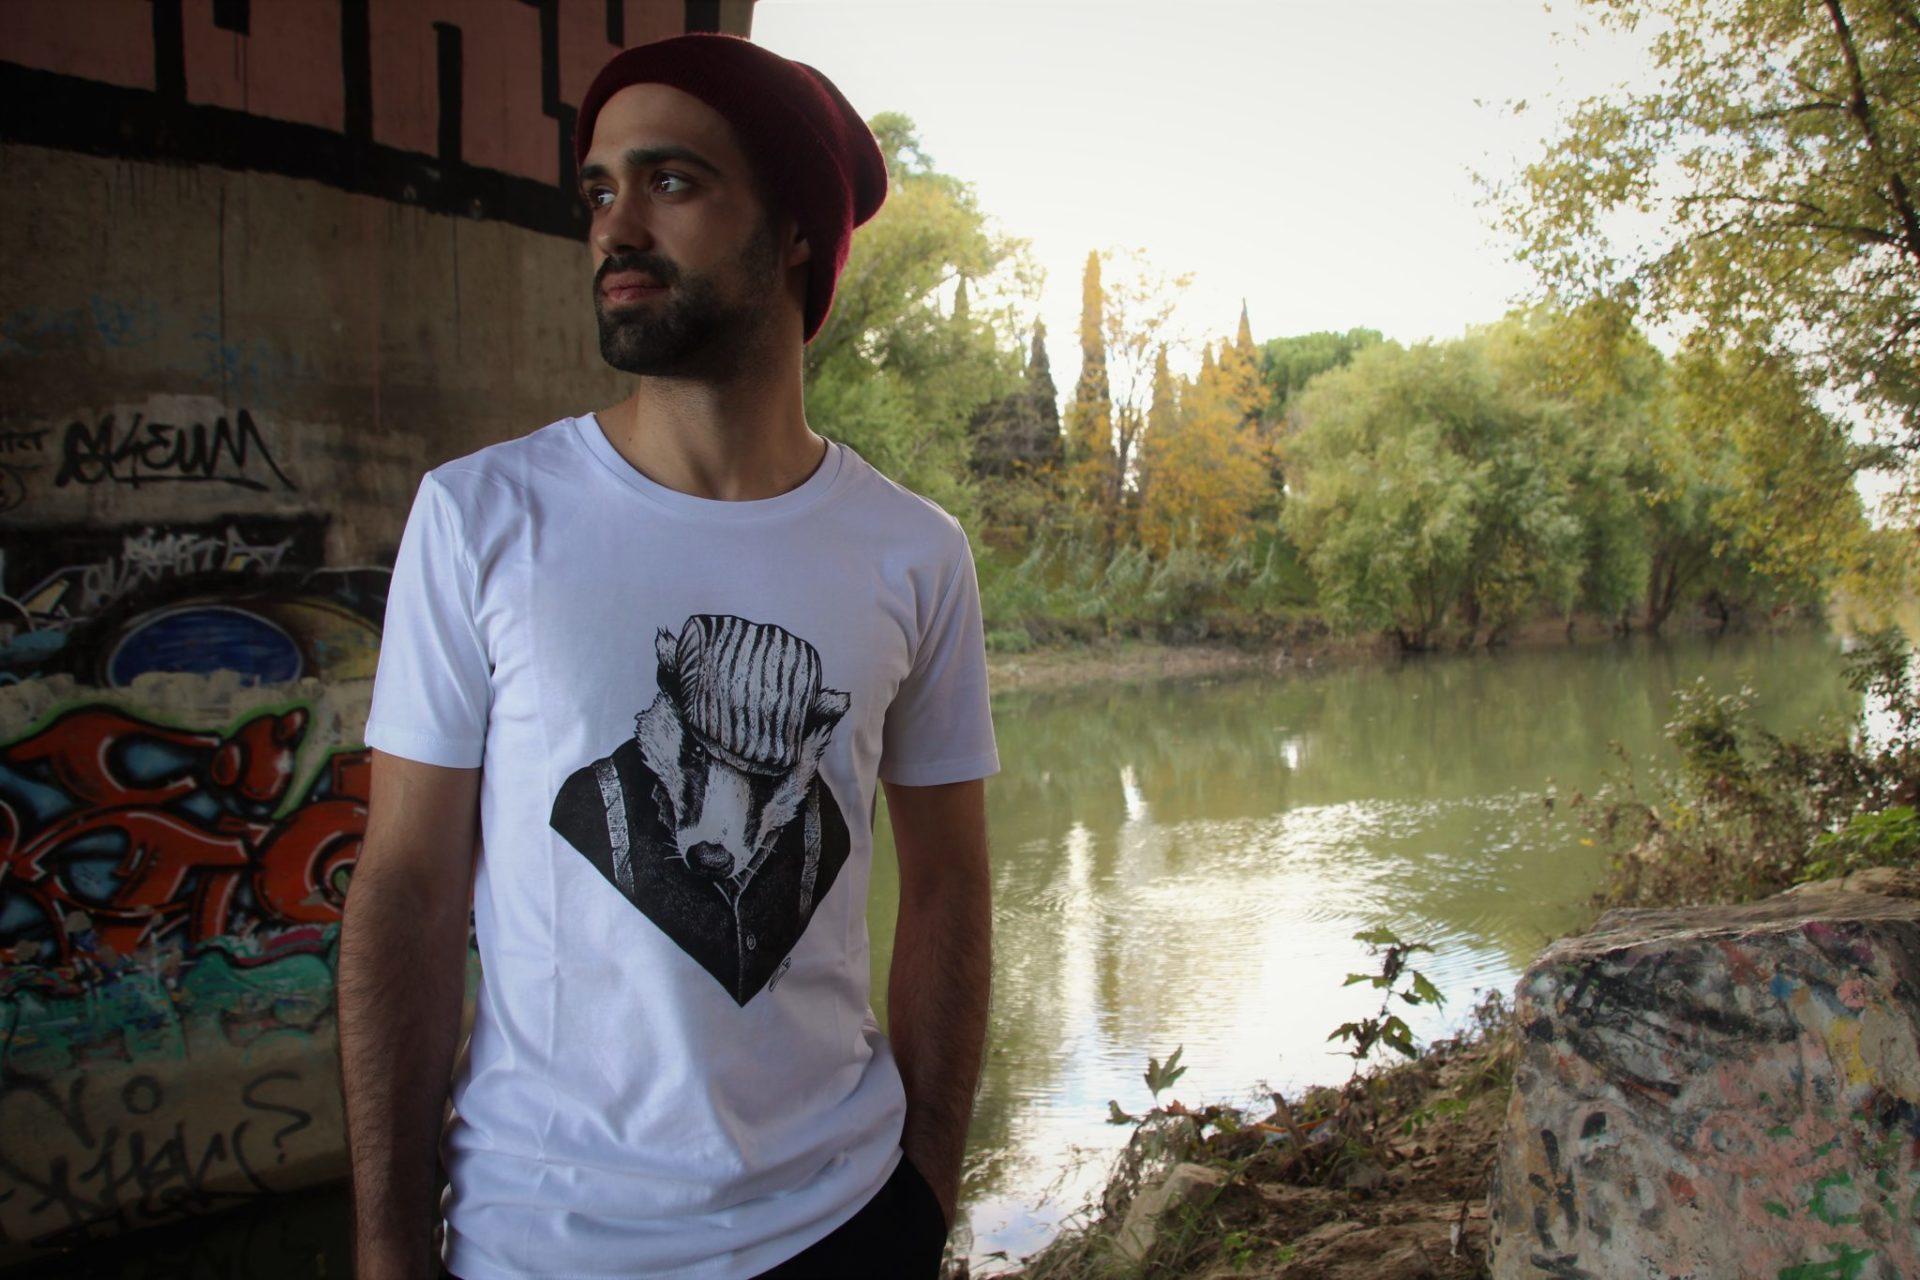 T-shirt artistes design